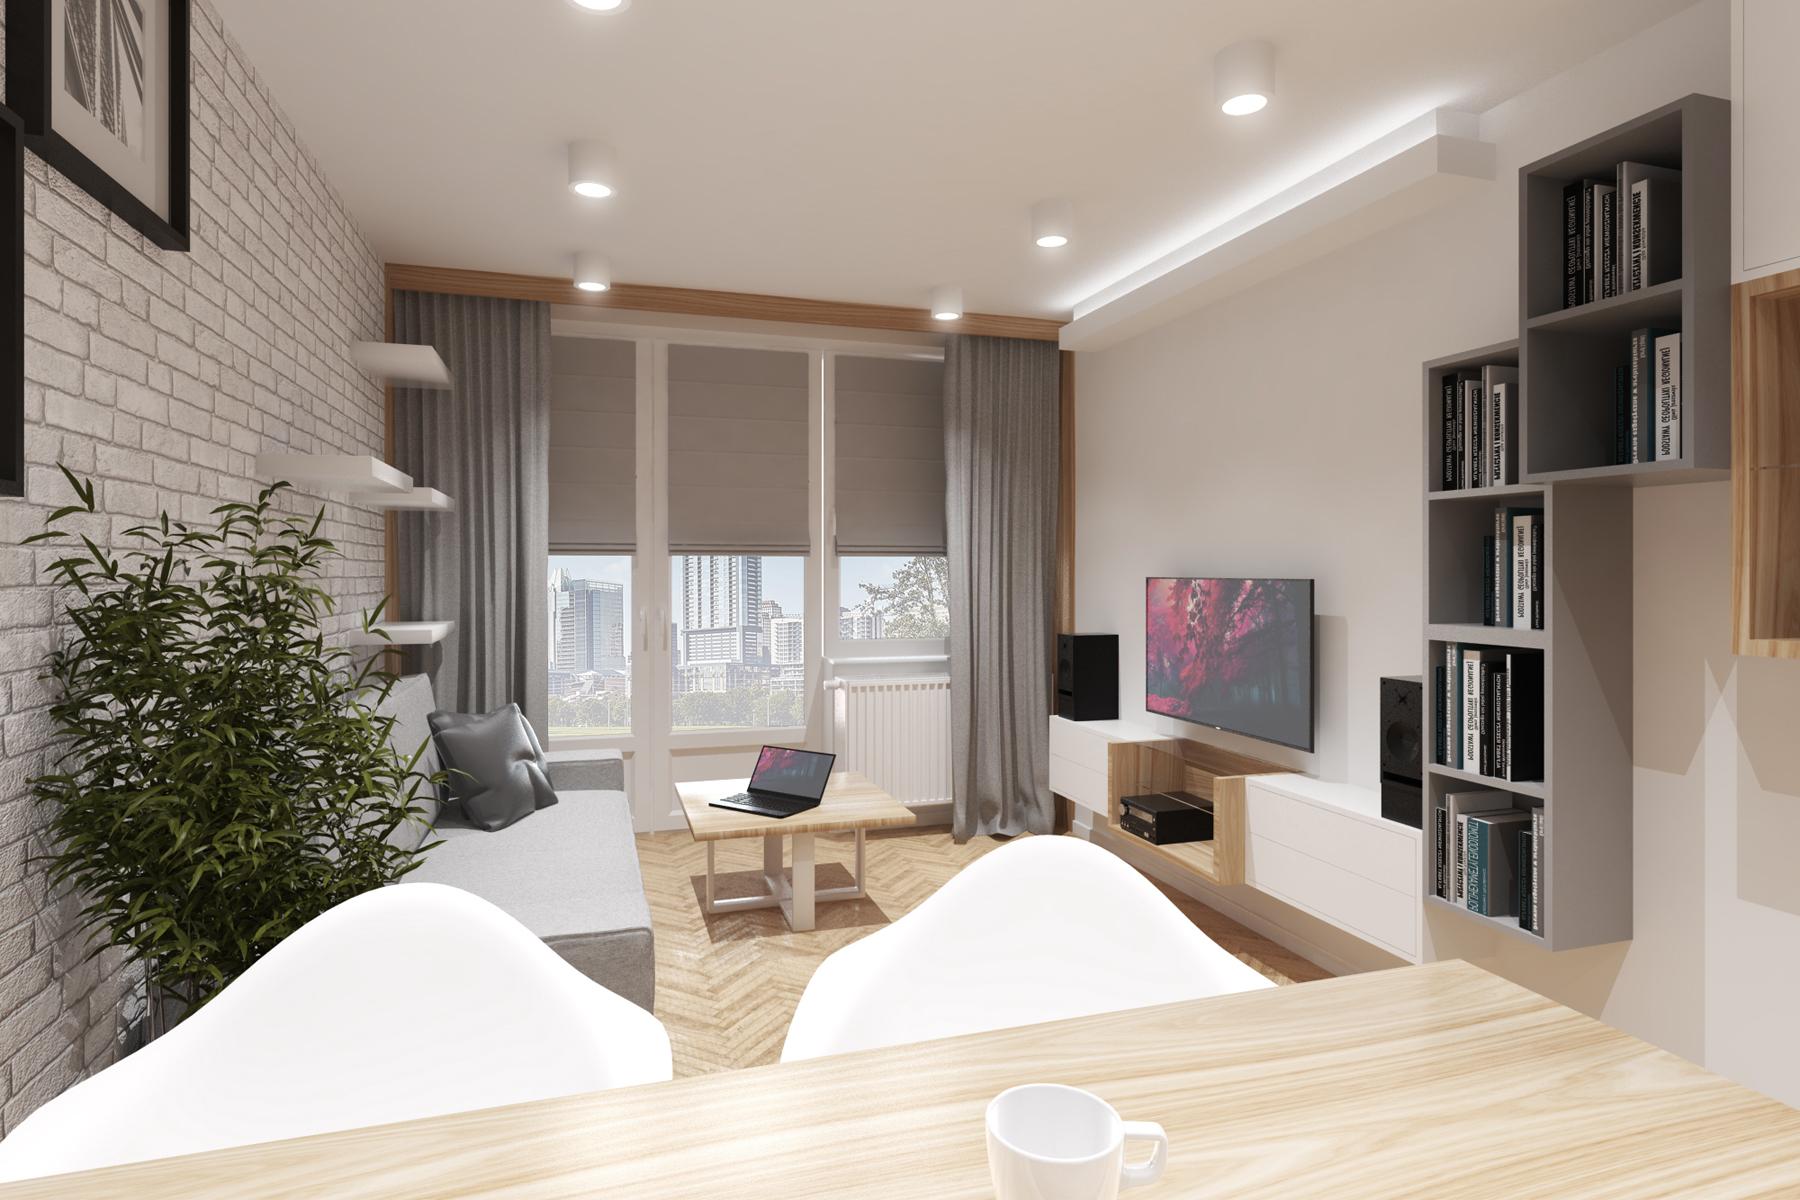 Projekty wnętrz - mieszkanie, salon z jadalnią.